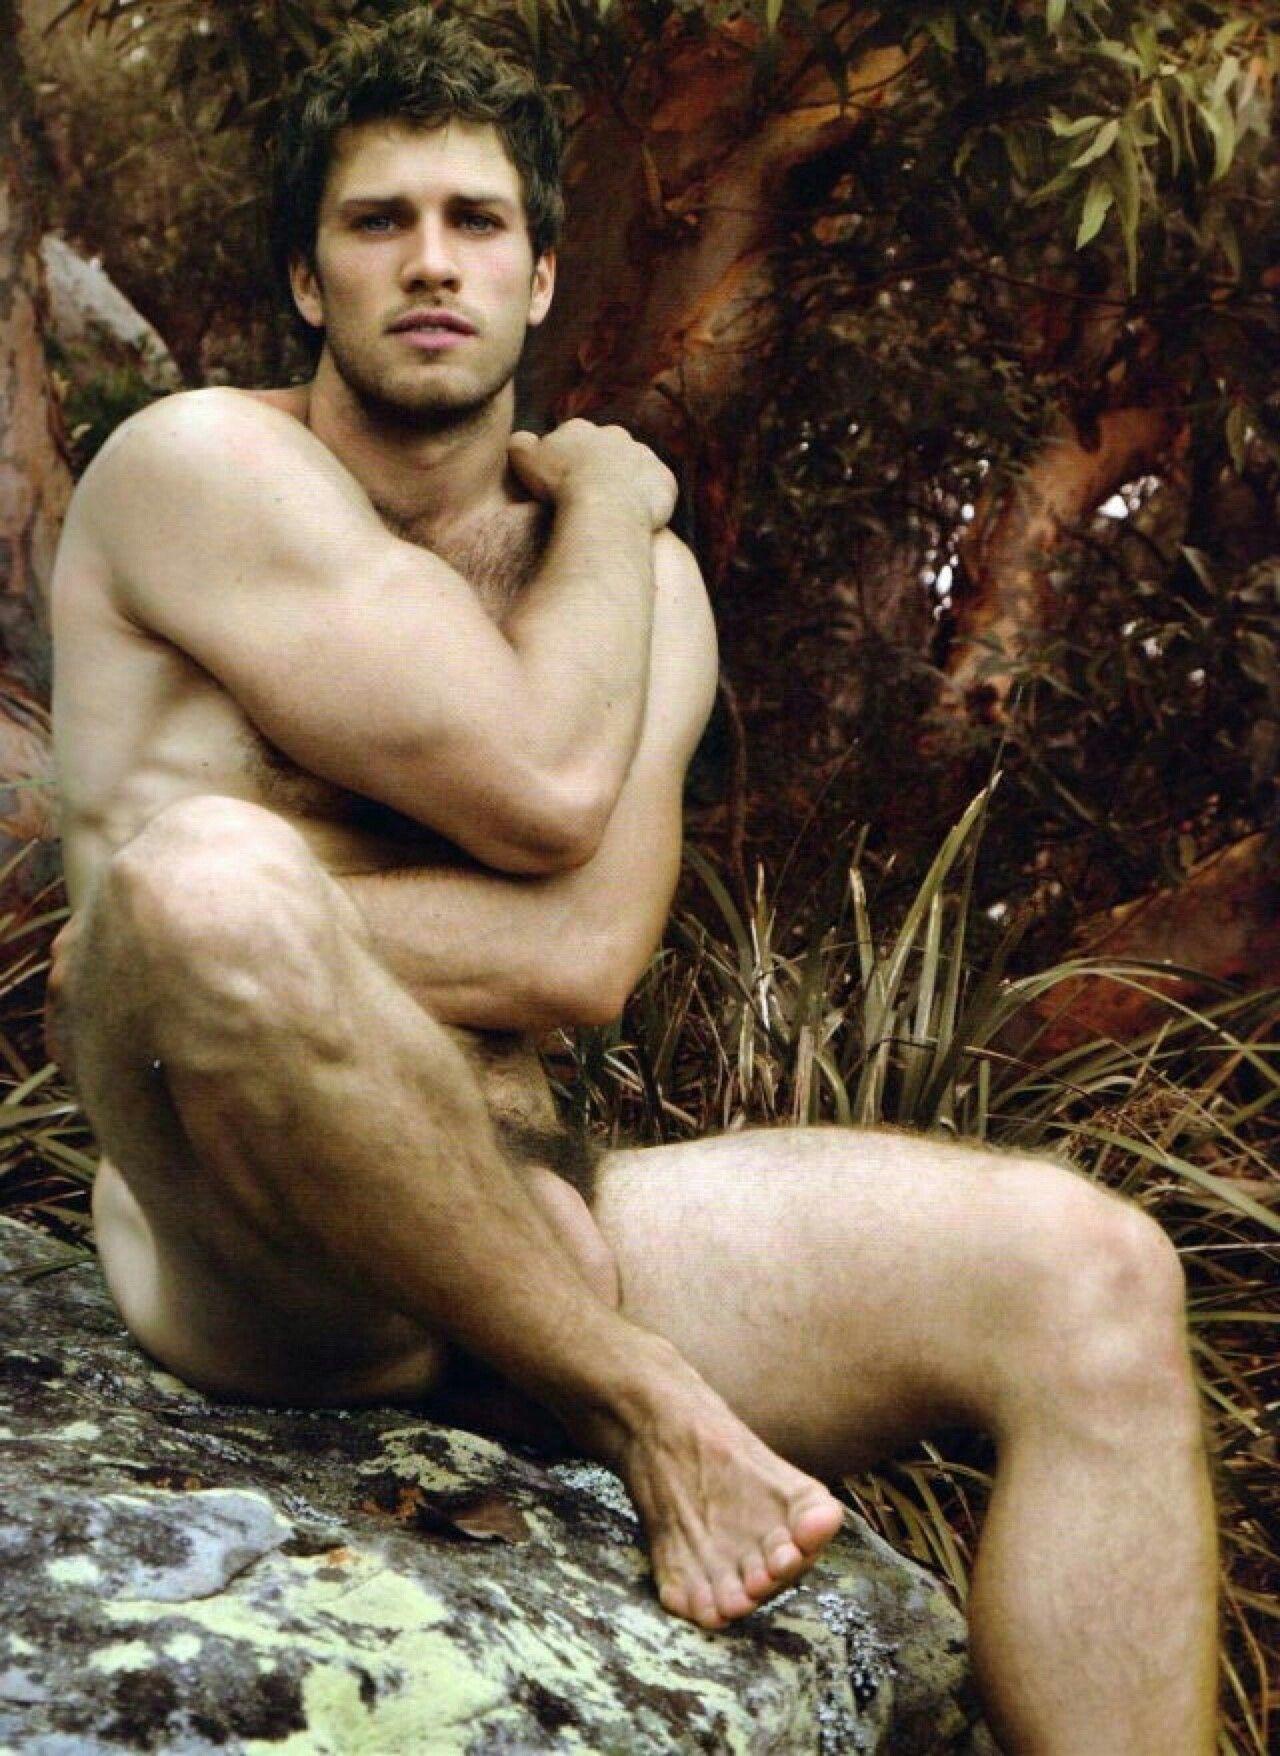 Nude guys in the garden 7